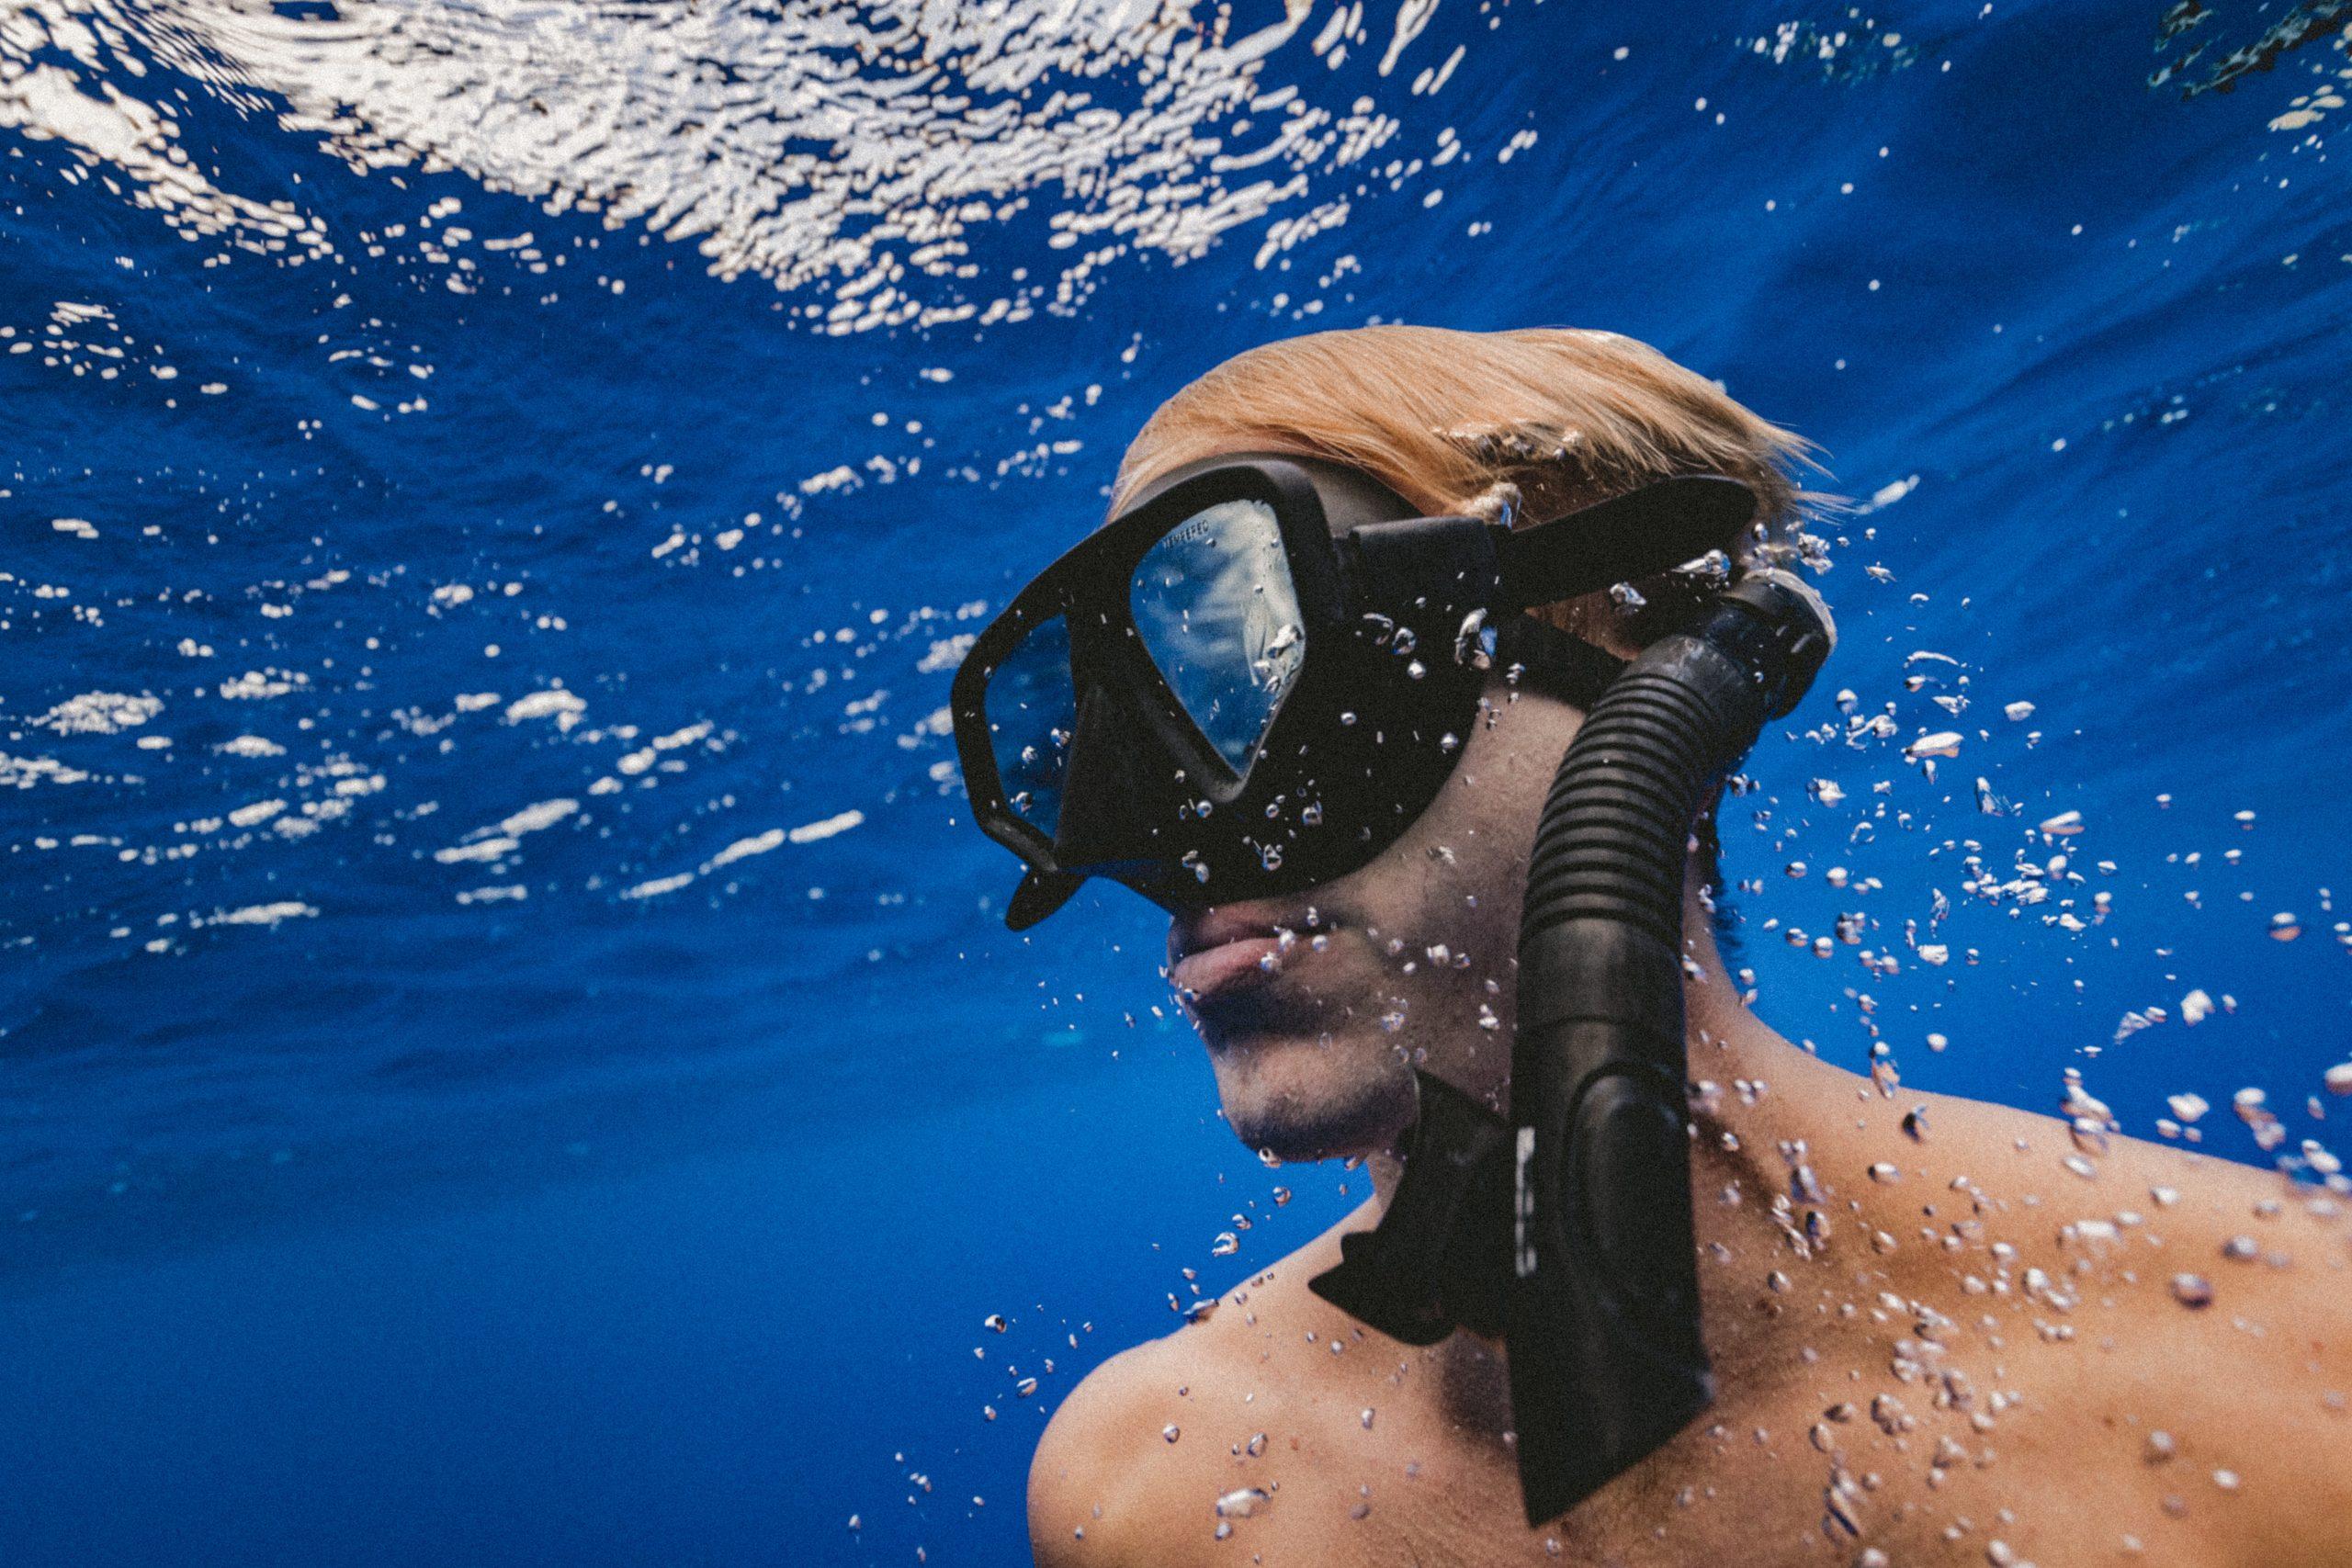 Imagen de persona nadando con mascara de snorkel